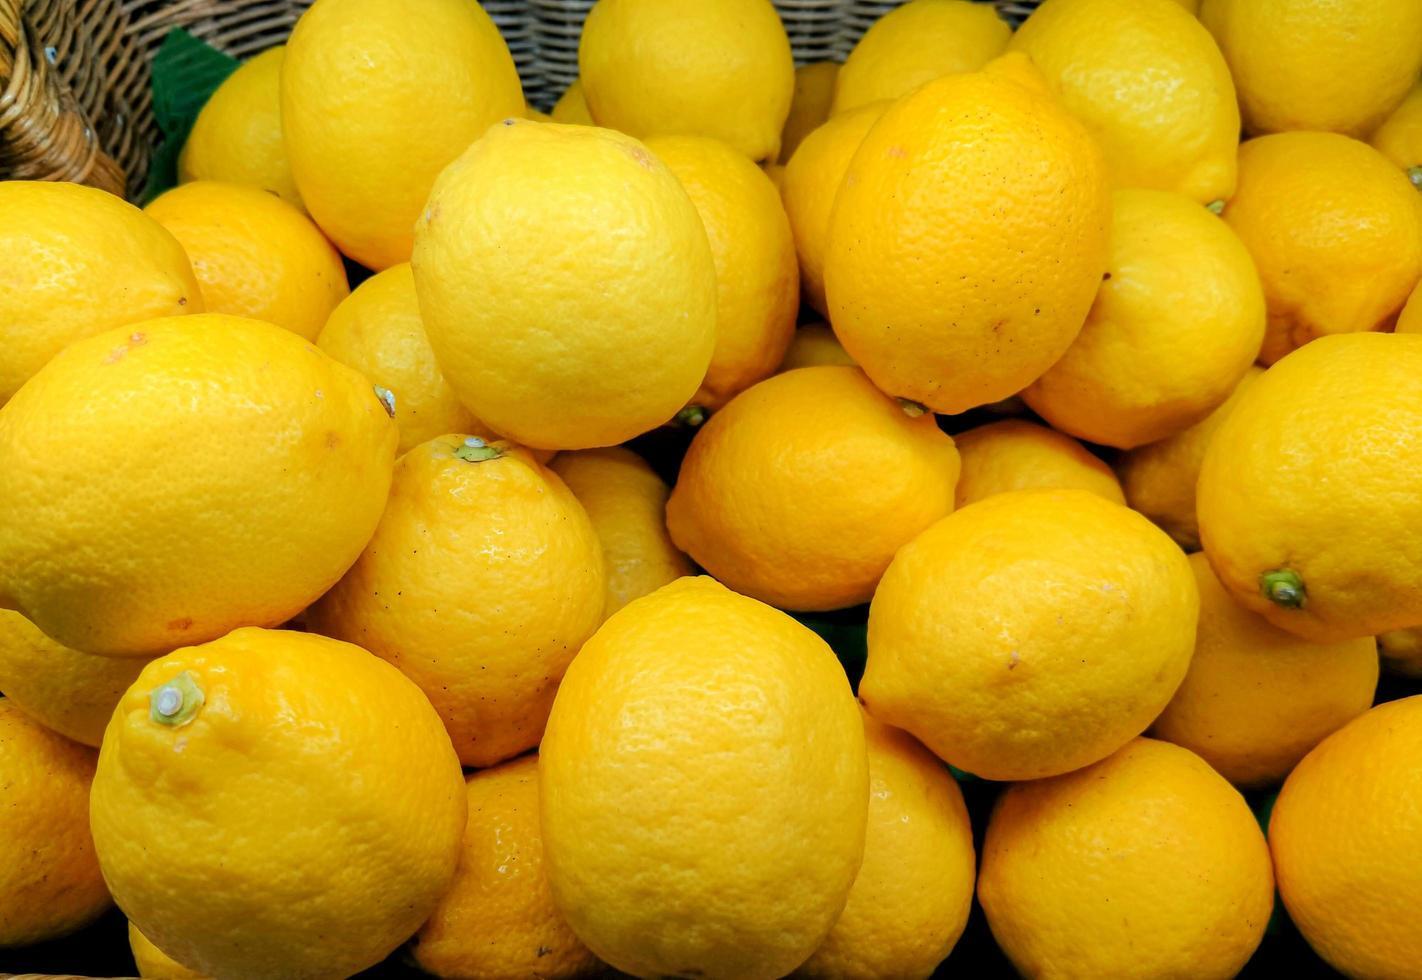 bunt von gelber Anzeige von Zitronen foto